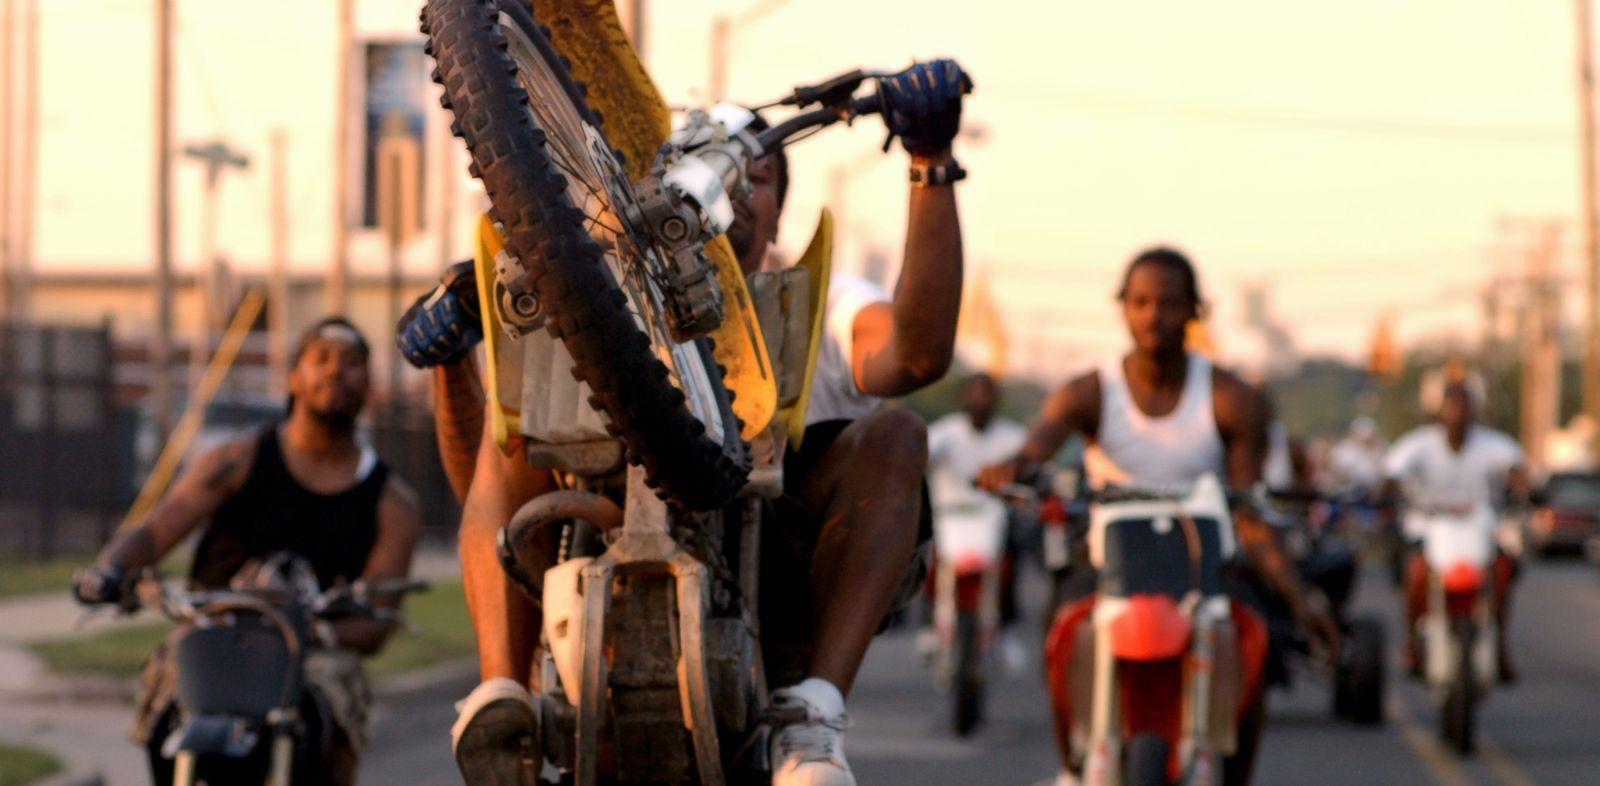 PHOTO: A still from the documentary 12 OClock Boys.